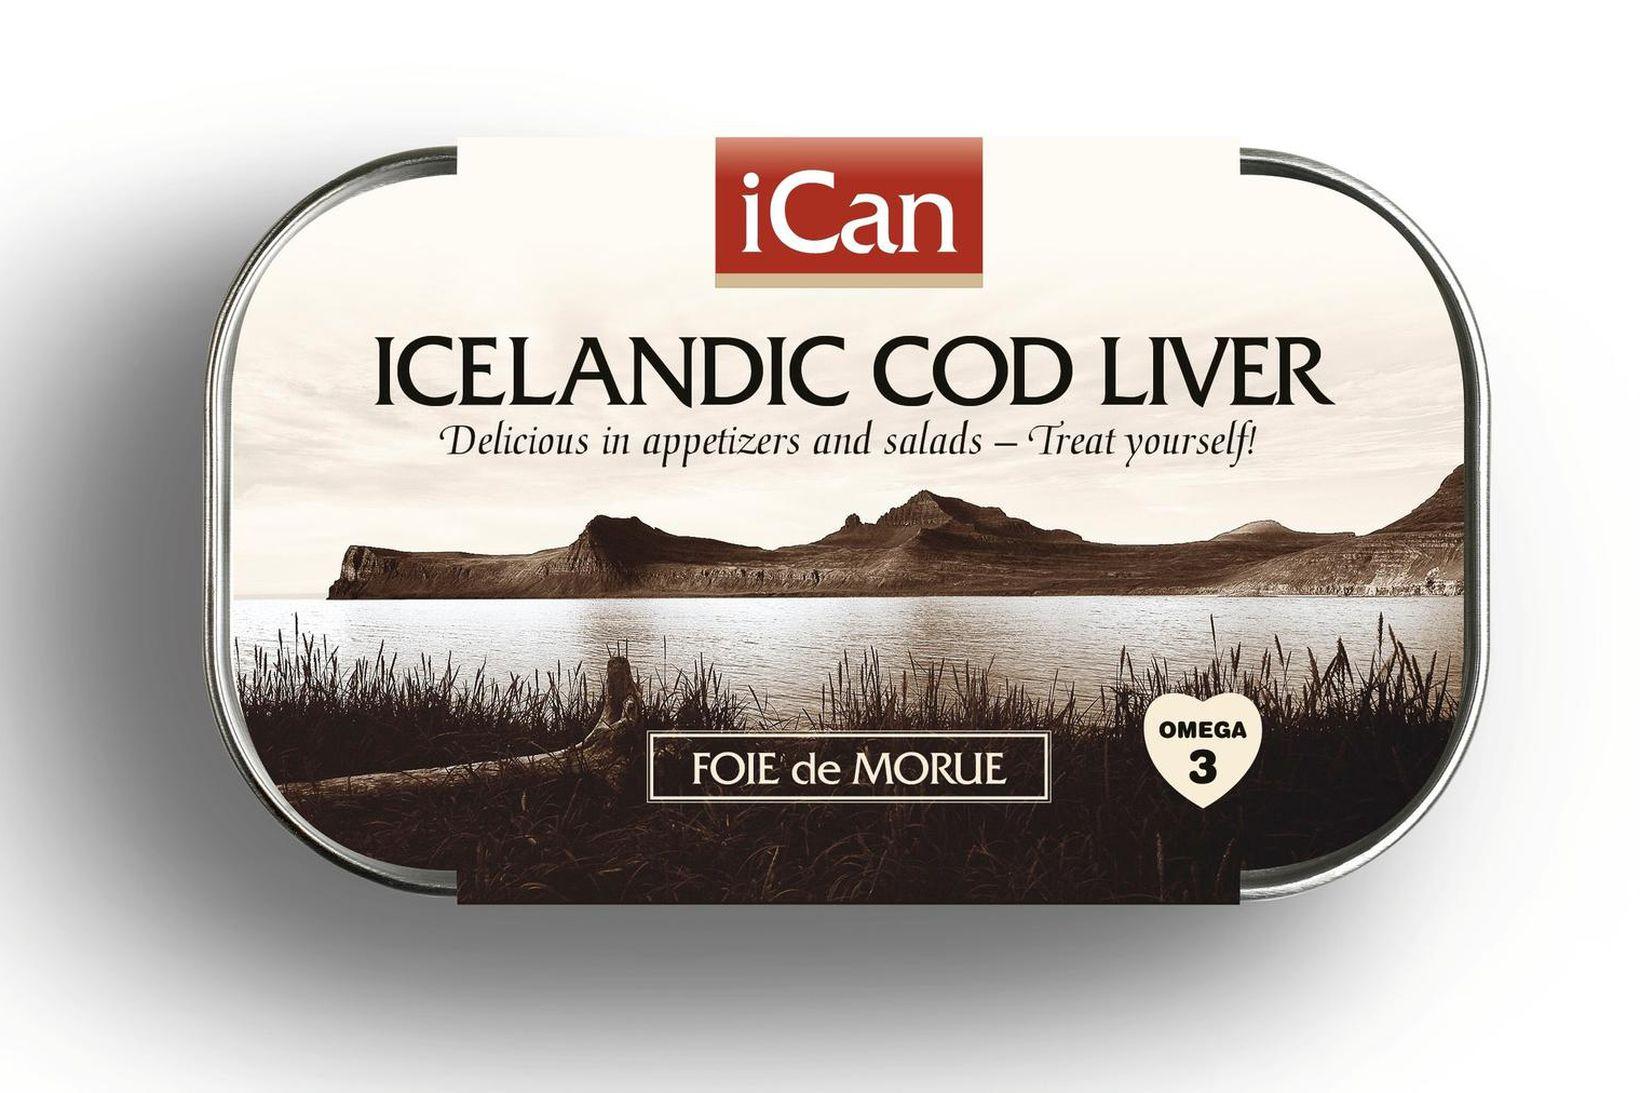 Ægir sjávarfang framleiðir meðal annars niðursoðna þorsklifur undir merkjum iCan.